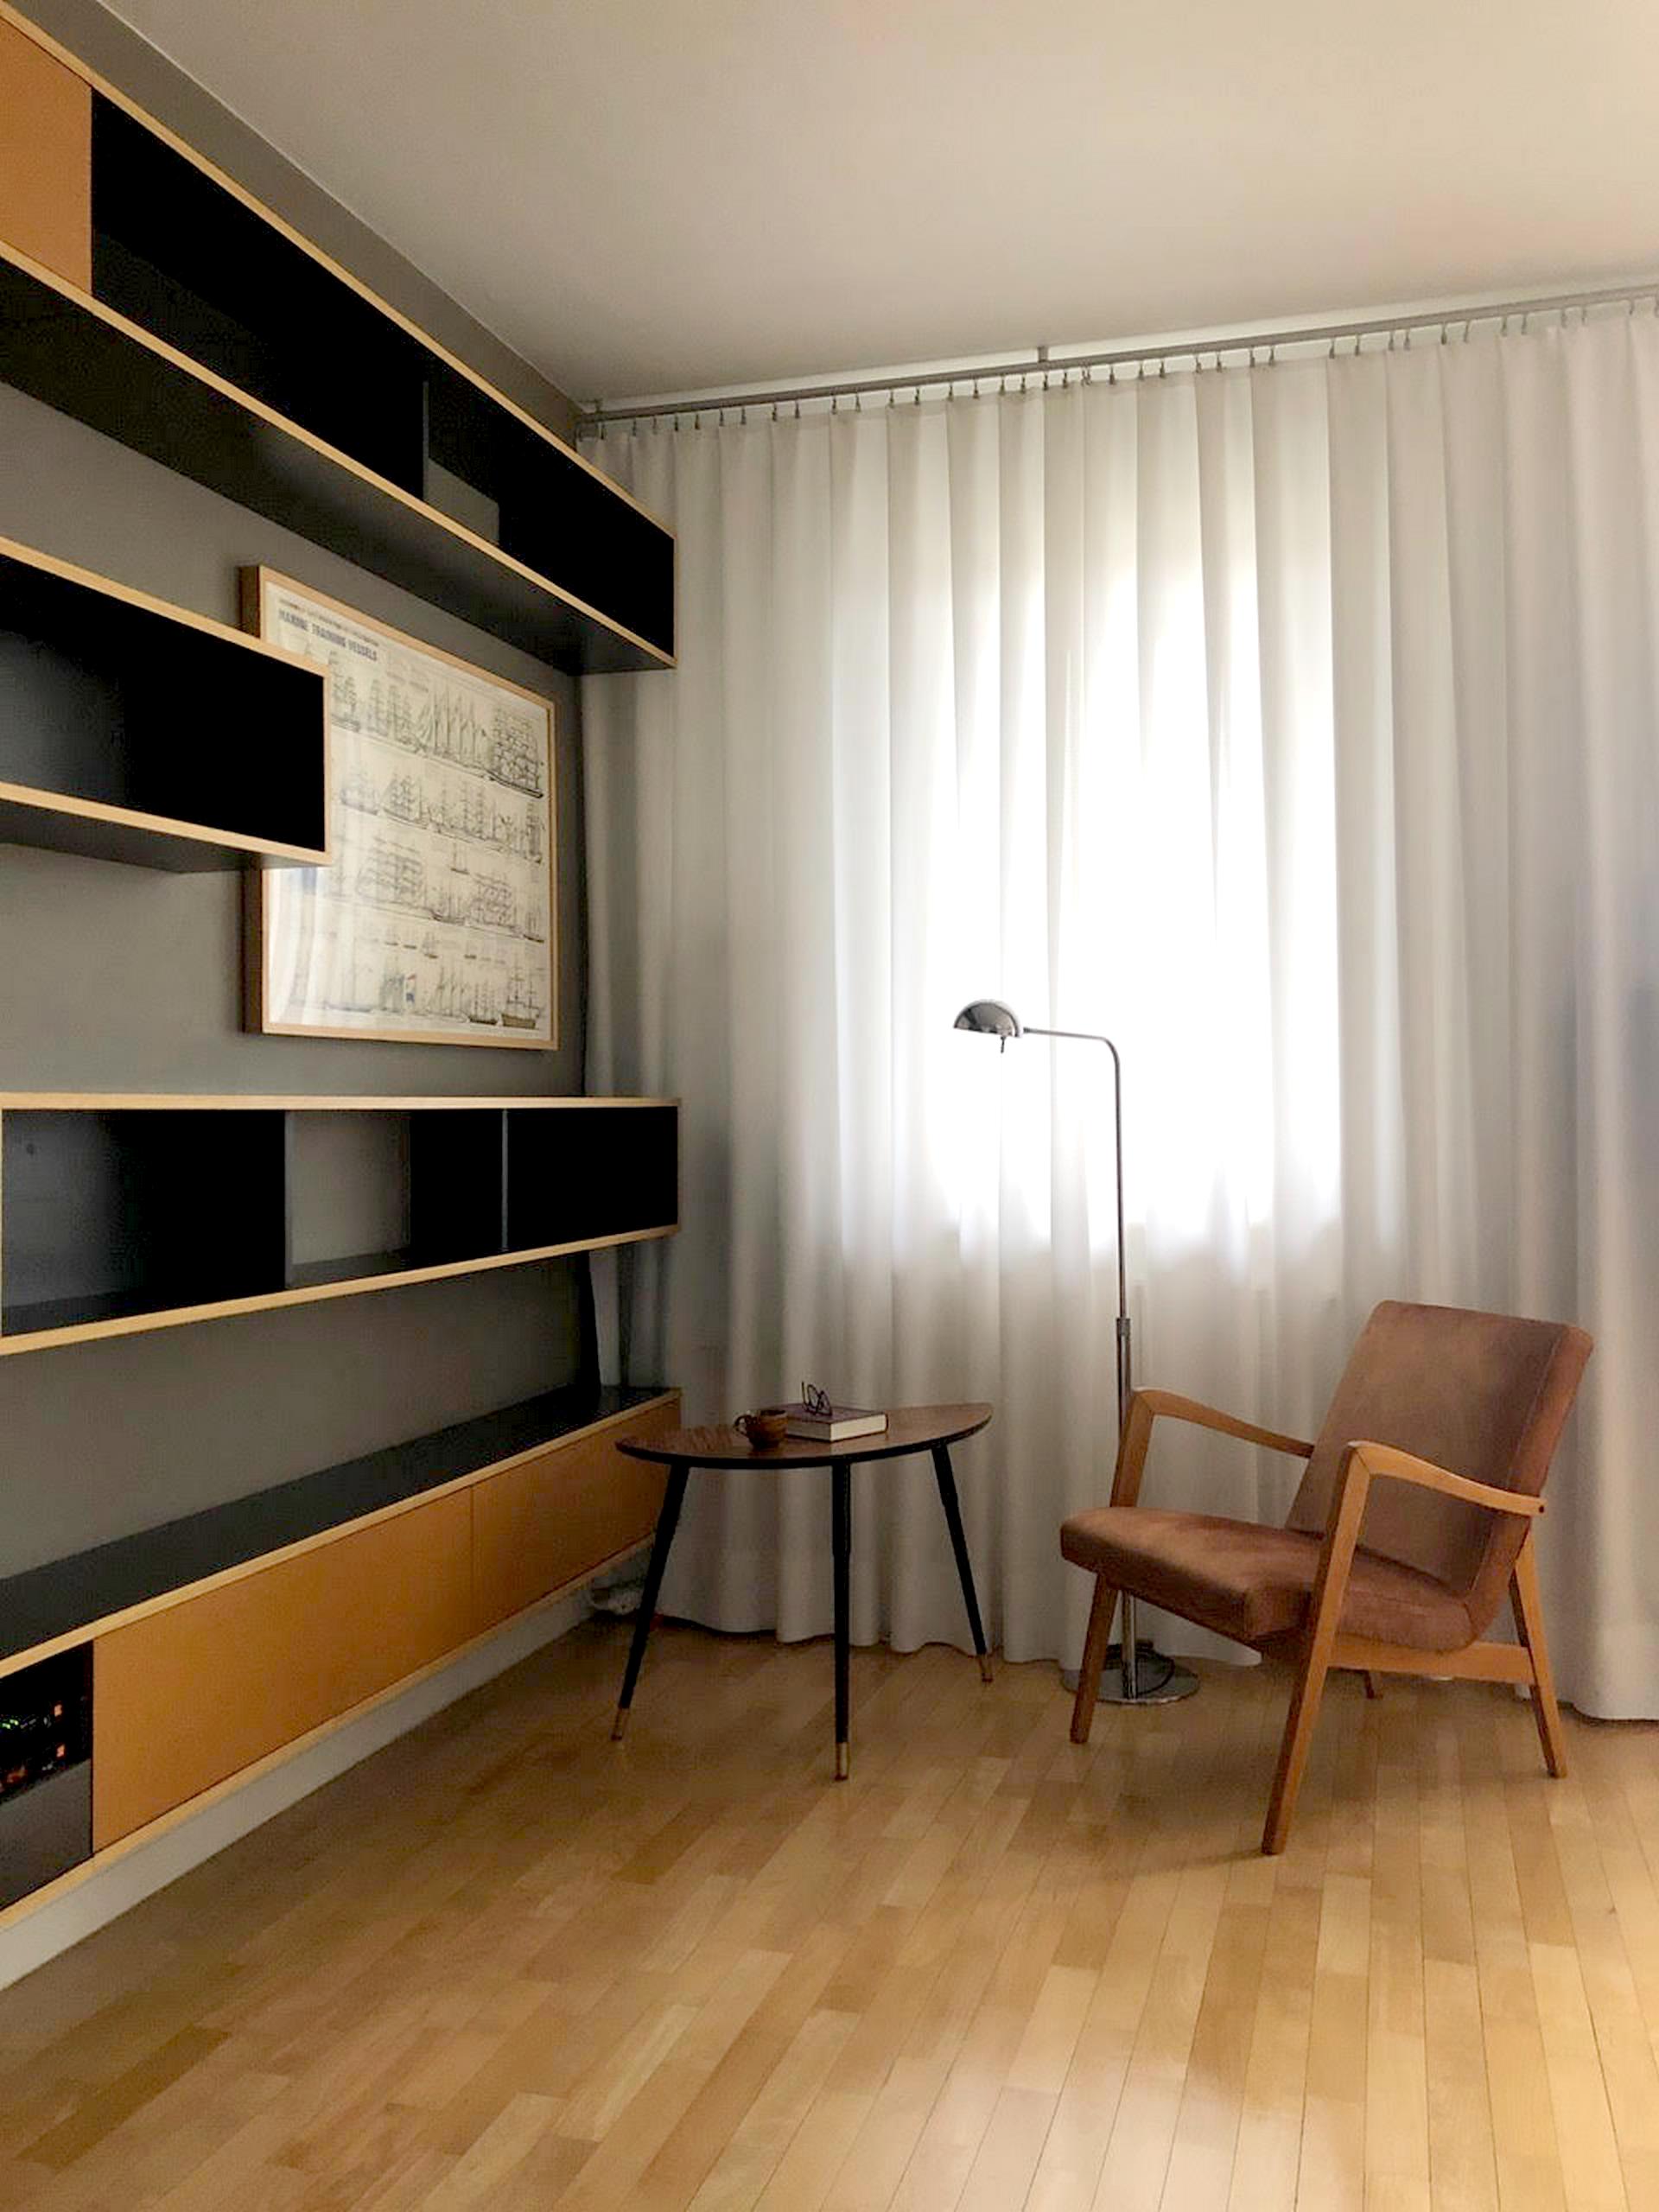 Fotel PRL w mieszkaniu - kawalerce